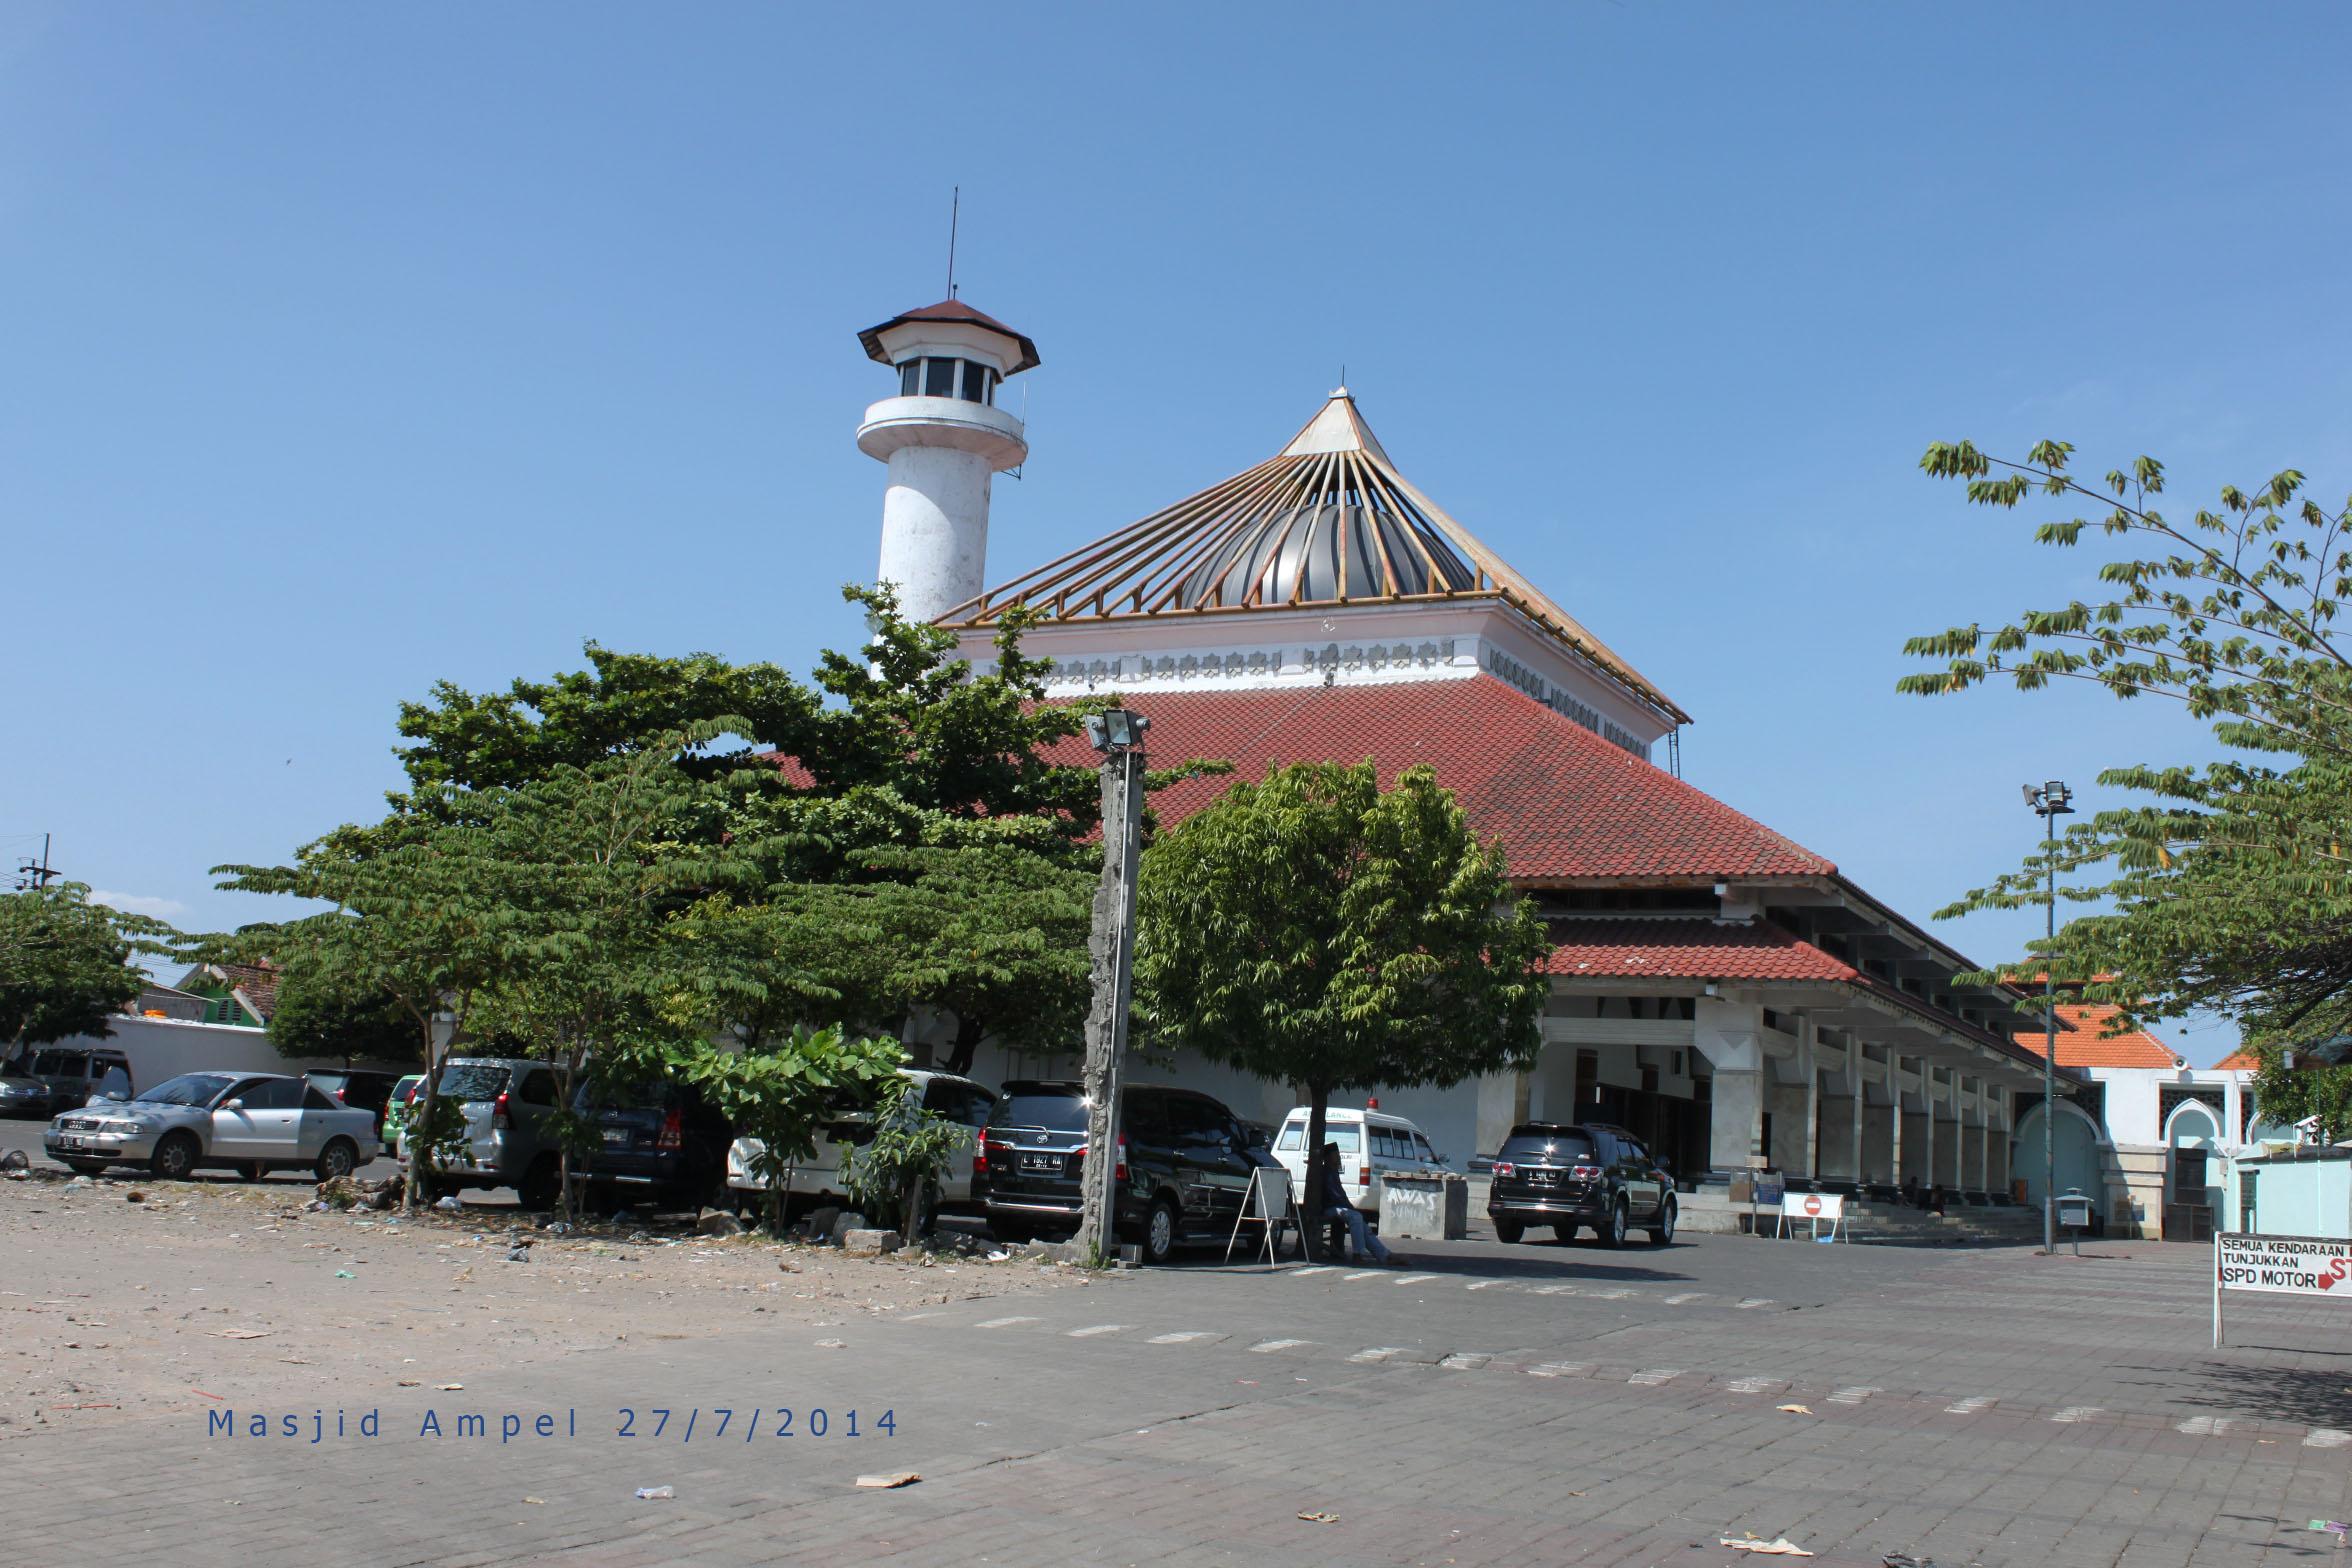 Masjid Ampel Siluet Jingga Kota Surabaya